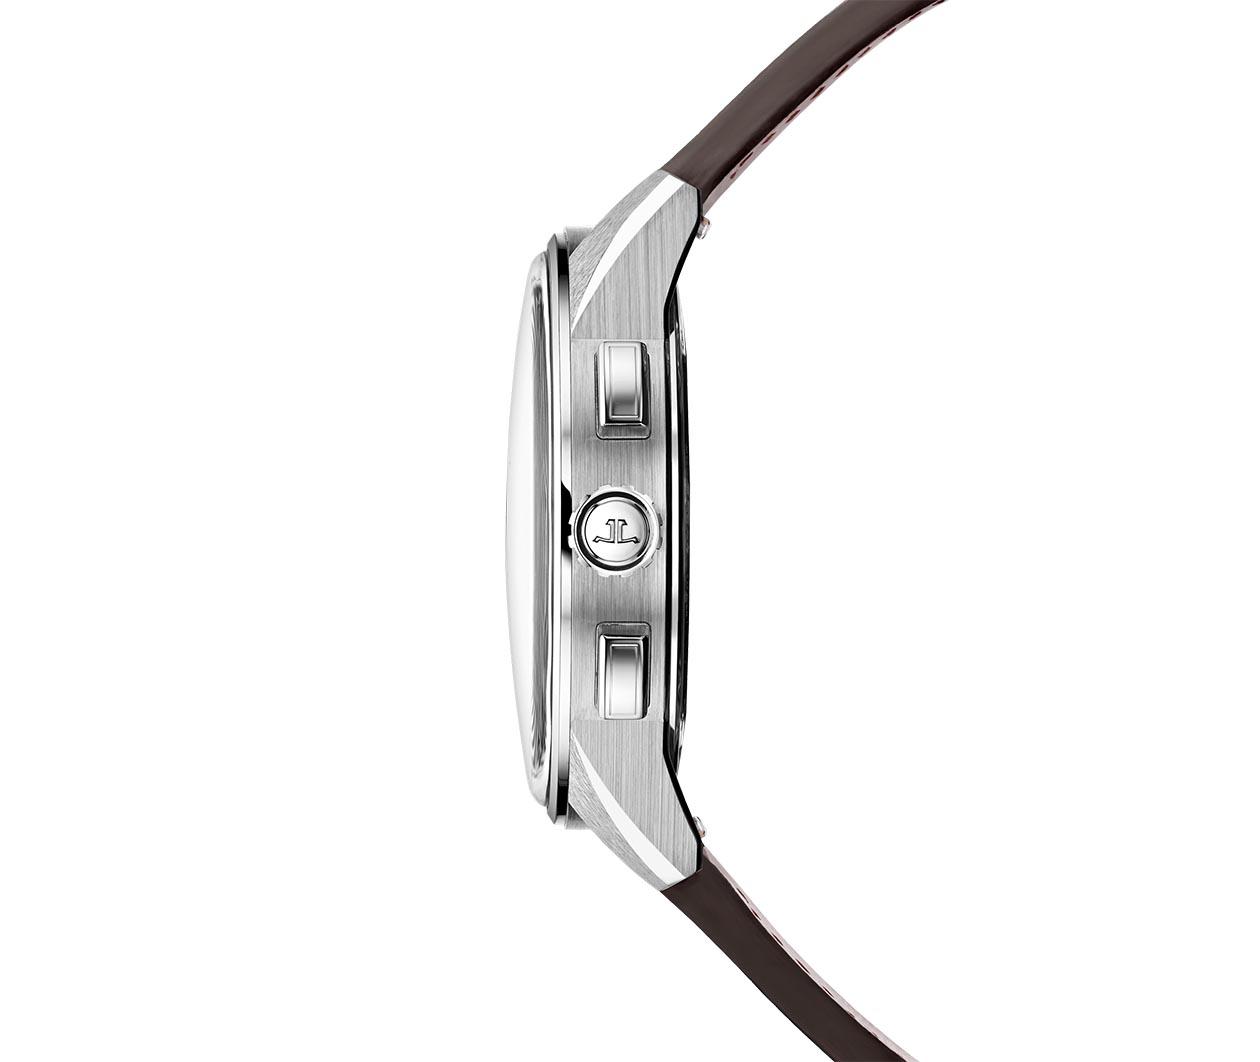 JaegerLeCoultre Polaris Chronograph 9028471 Carousel 2 FINAL